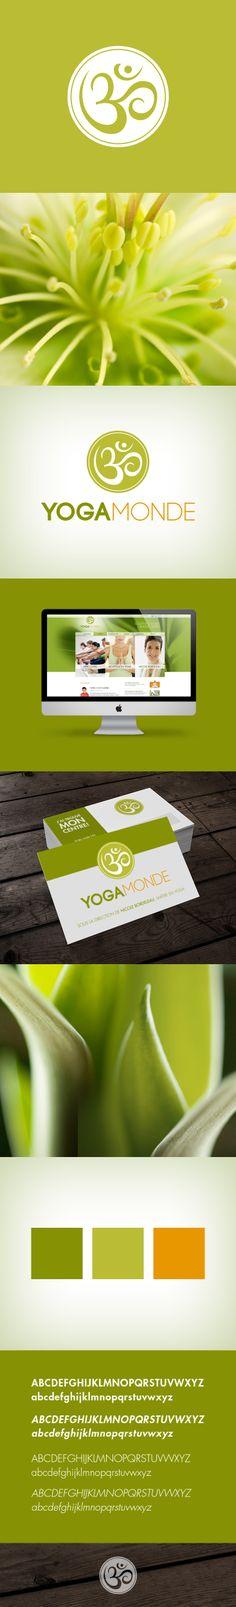 Identité de Yoga Monde - création de kryzalid.net